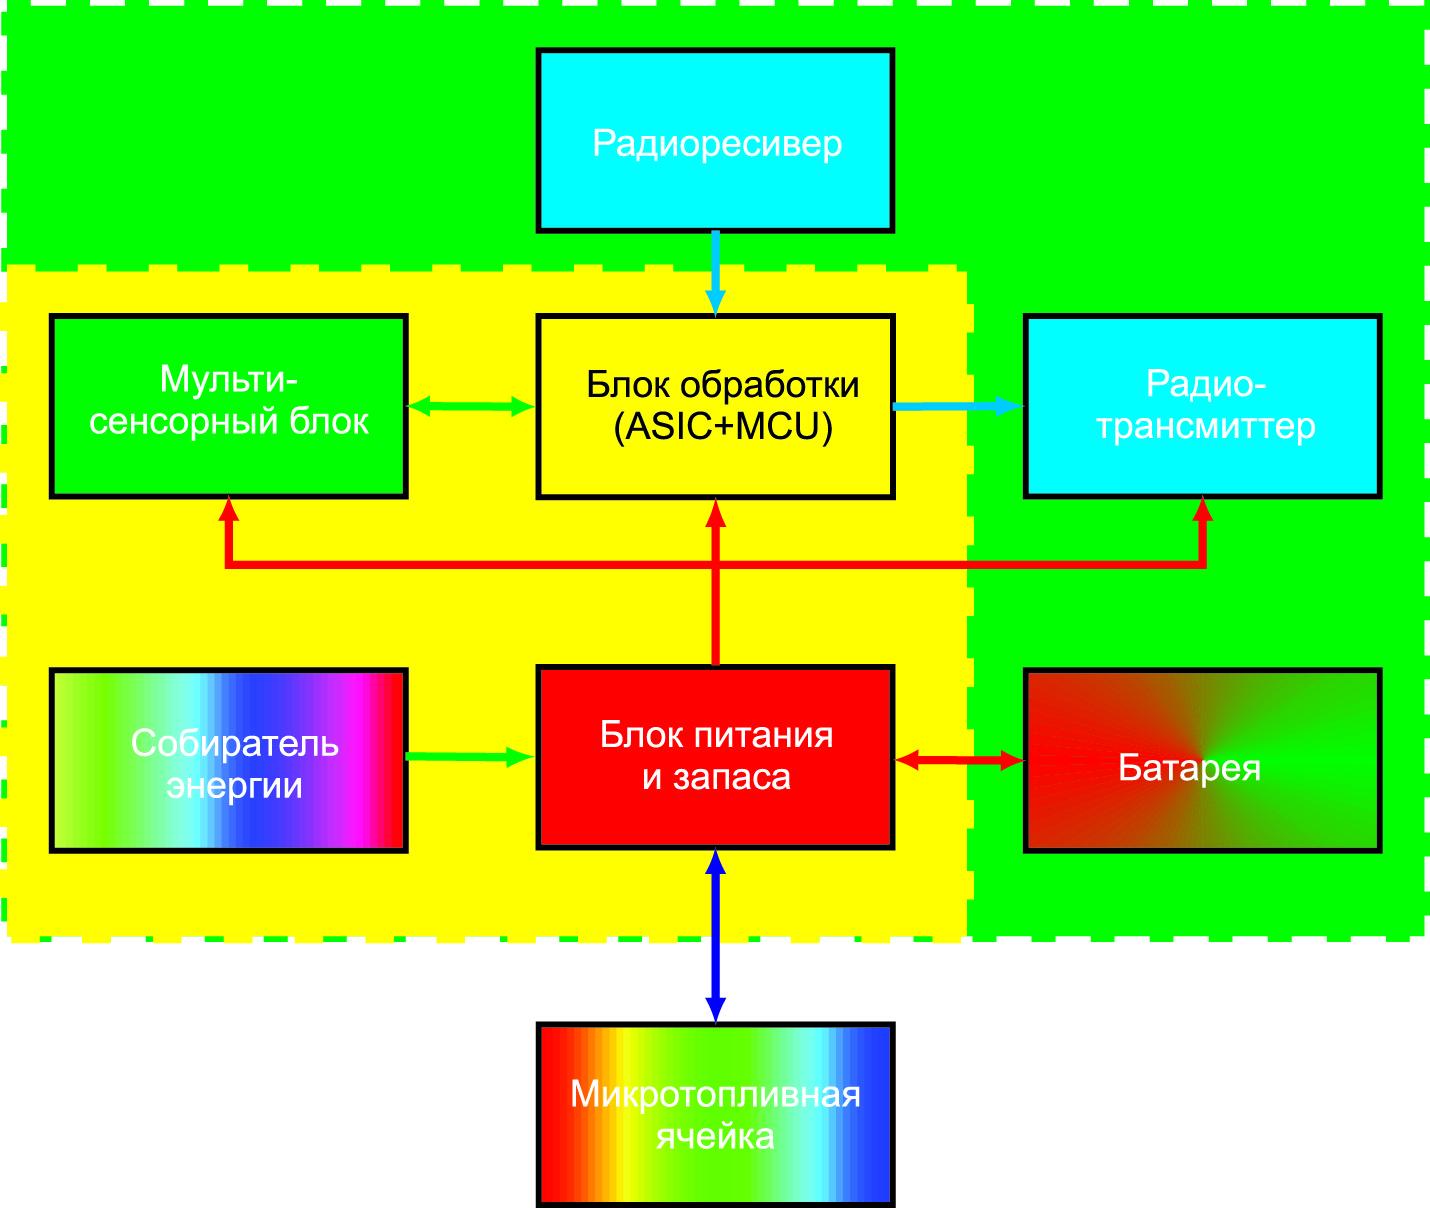 Концептуальный беспроводной сенсорный узел WSN с автономным управлением и питанием, основанный на микросистемной технологии (блок-диаграмма)